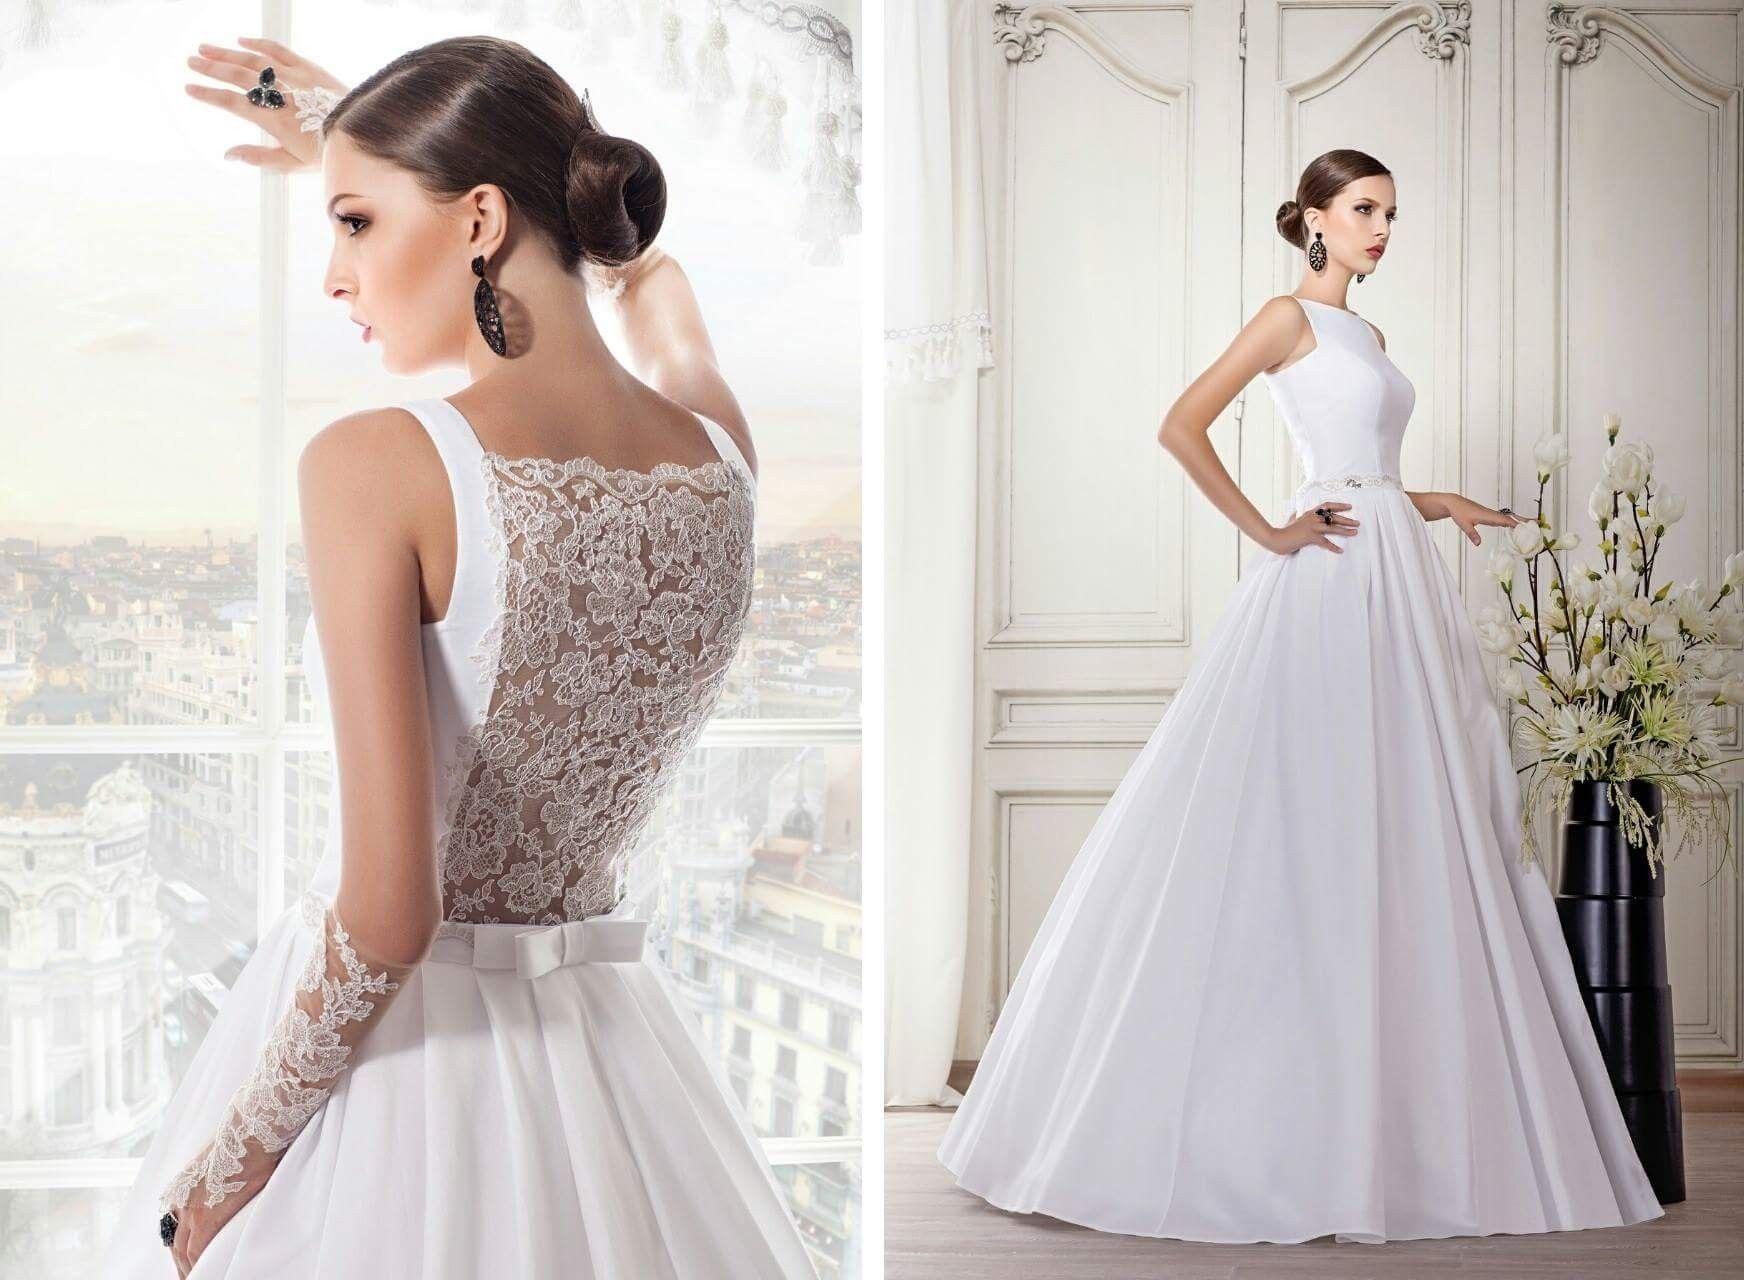 art. 1734 Stilvolles und exquisites Brautkleid mit sehr schönem ...